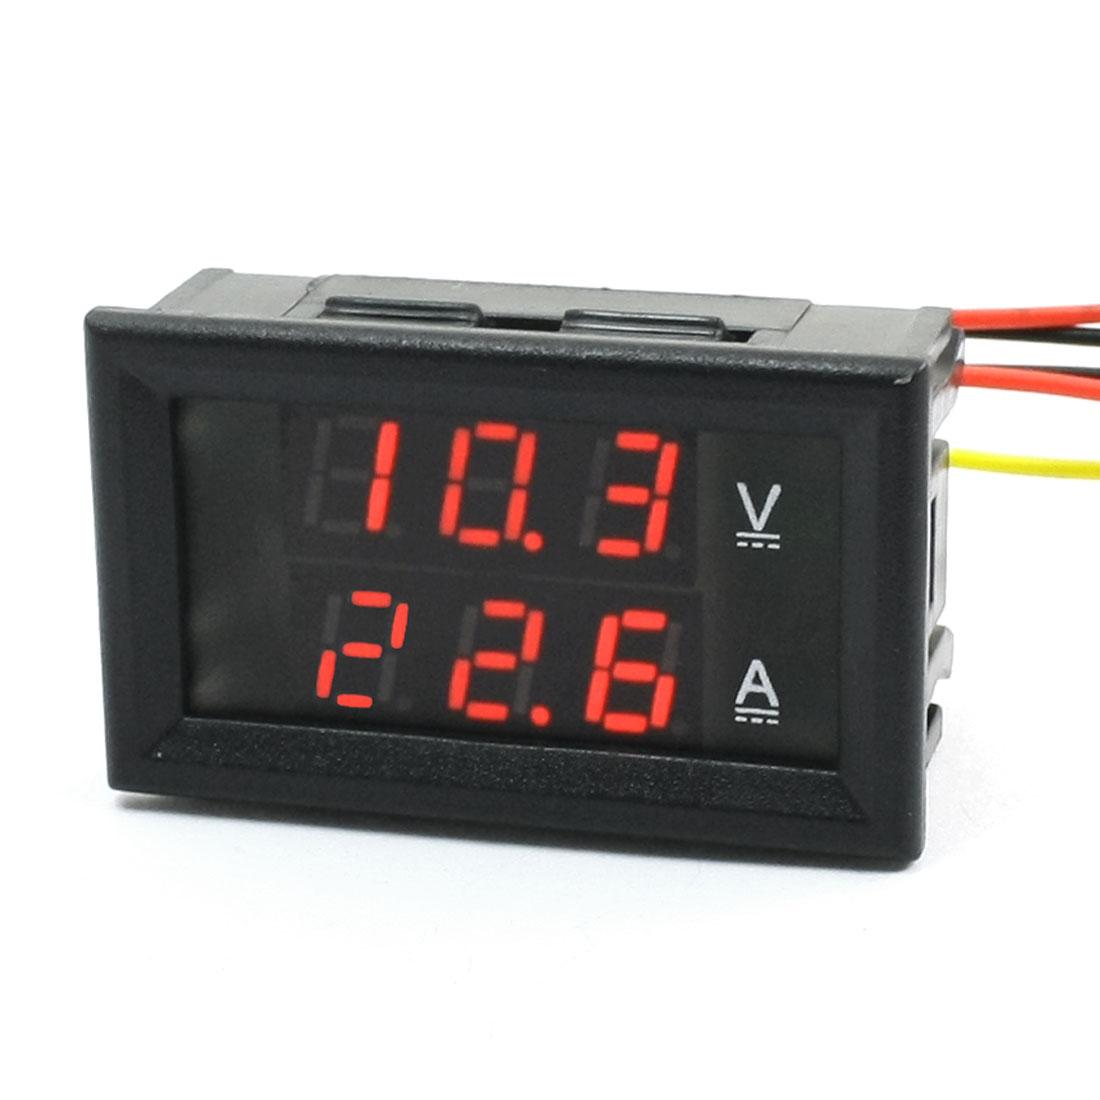 DC 0-100V 100A/75mV Digital Red LED Dual Display Ammeter Voltmeter